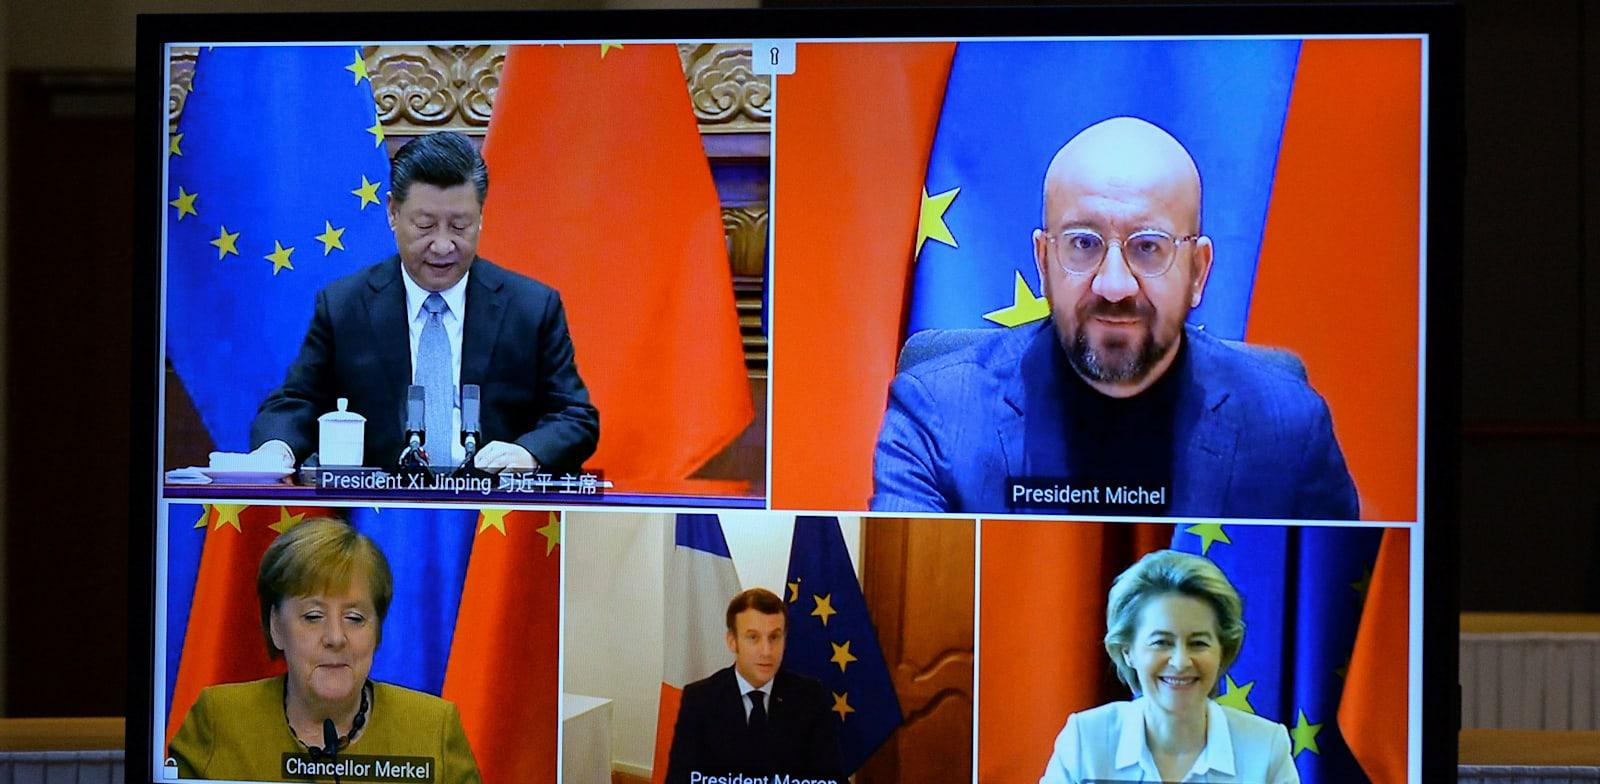 נשיא סין, שי ג'ינפינג, בשיחה עם ראשי האיחוד האירופי / צילום: Reuters, Johanna Geron